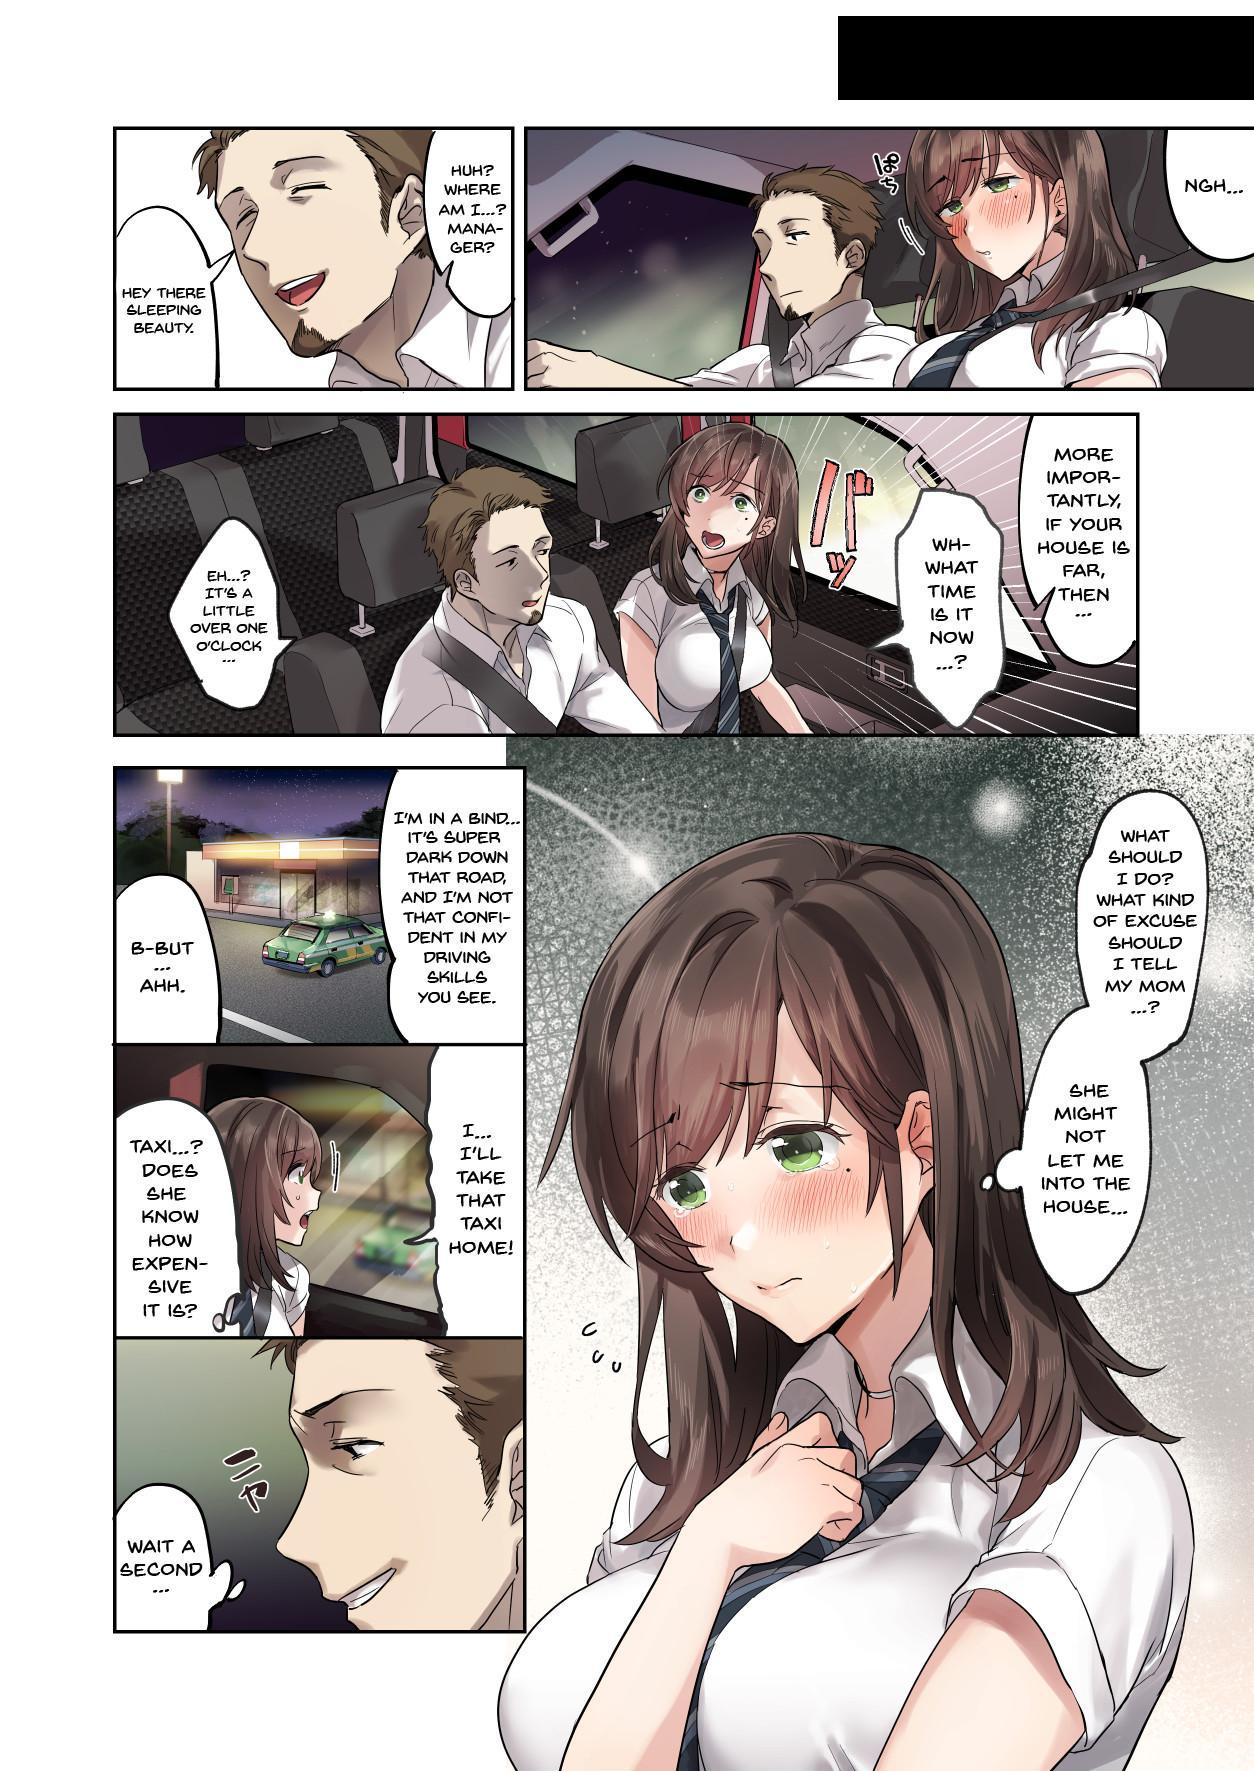 Hajimete no Gakusei Beit Shinjiteita Tenchou ni Datsu Shojo Sareta Tokai o Shiranai Gakusei 8